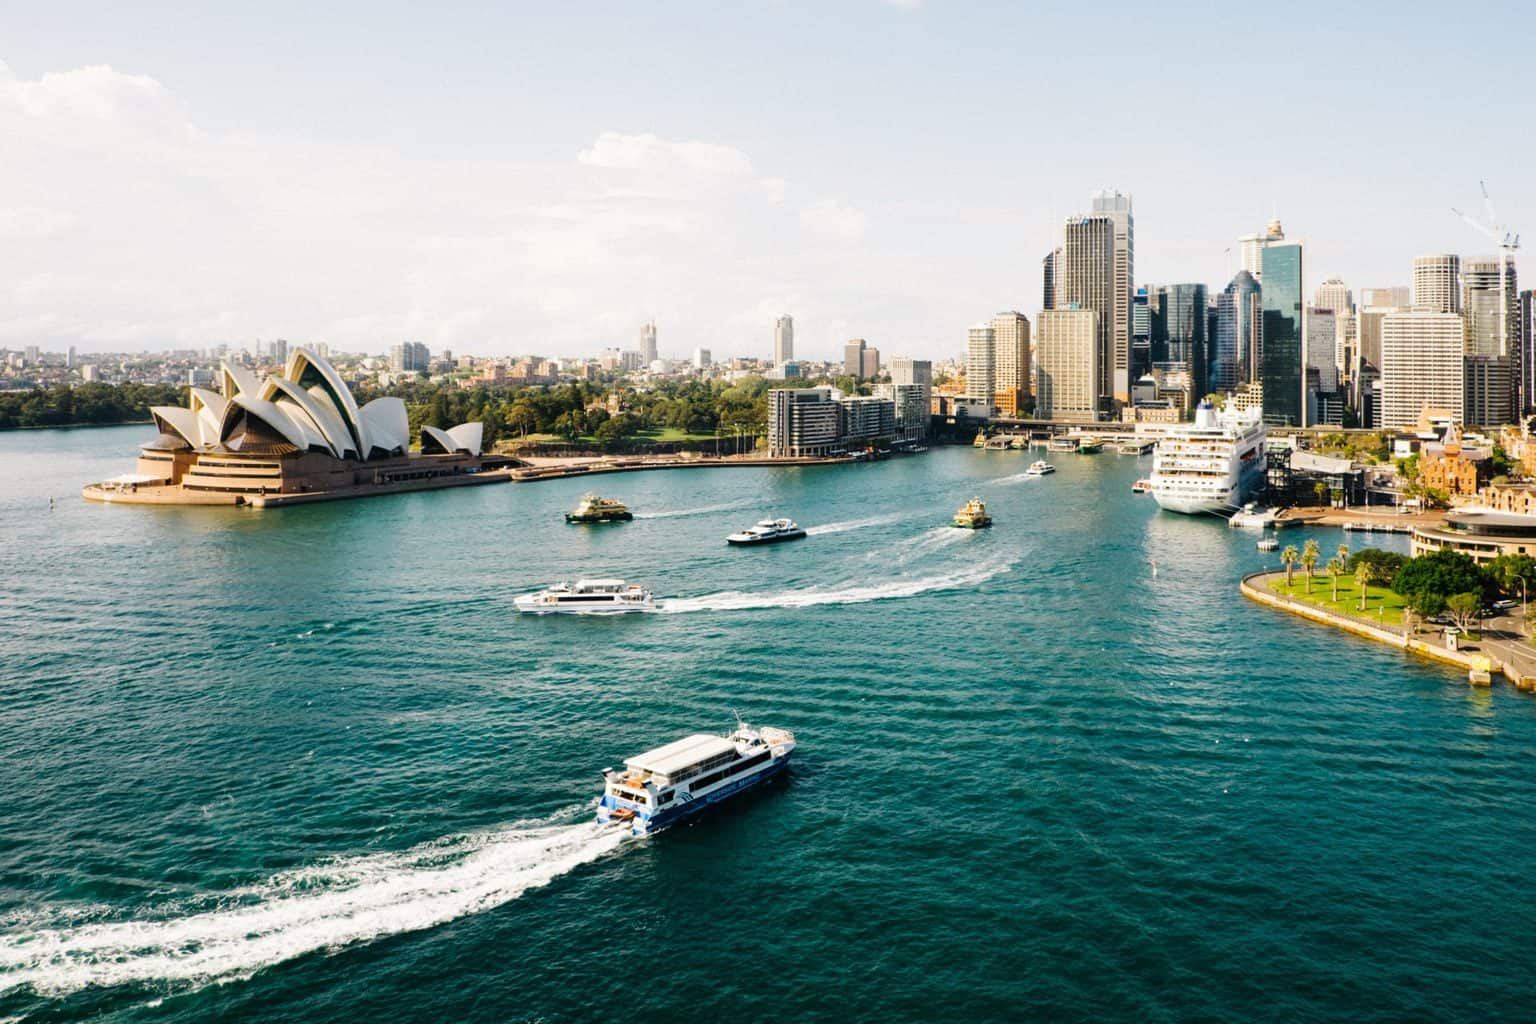 Sydney guide for digital nomads